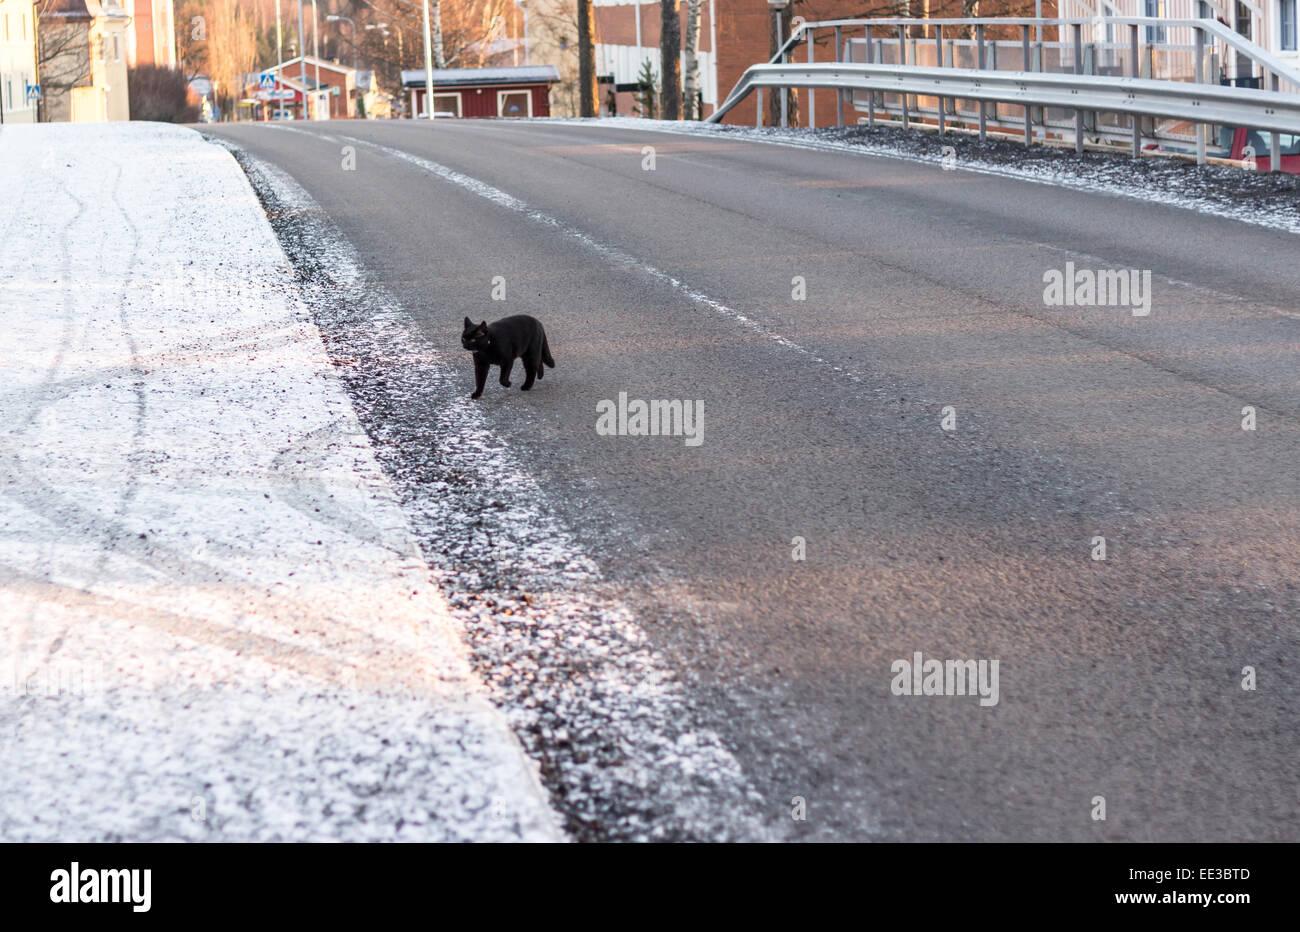 Gatto Nero Attraversamento Strada In Inverno Foto Immagine Stock